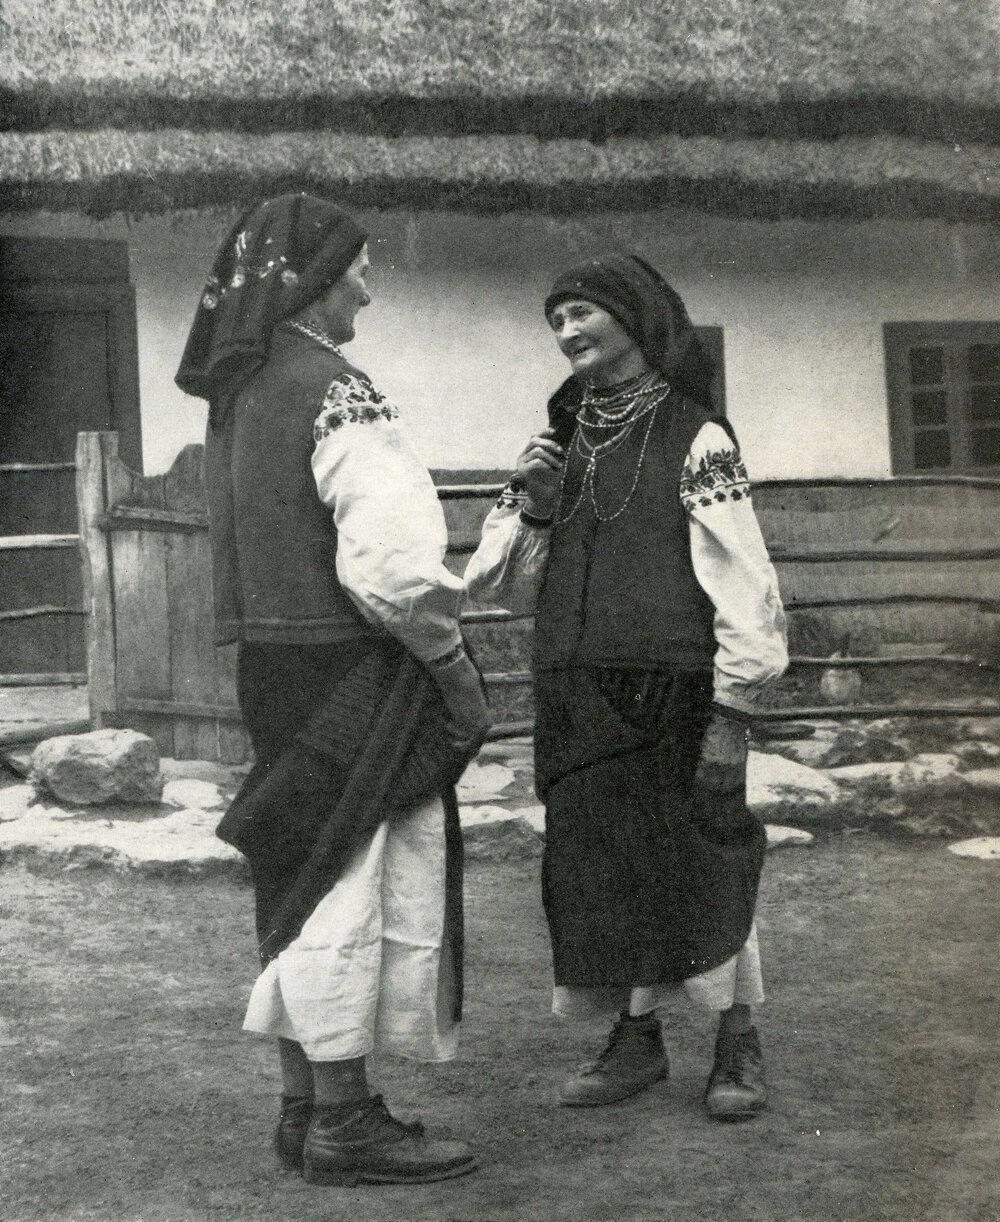 Пожилые женщины. Село Гораев Старо-Ушицкого р-на Хмельницкой обл.